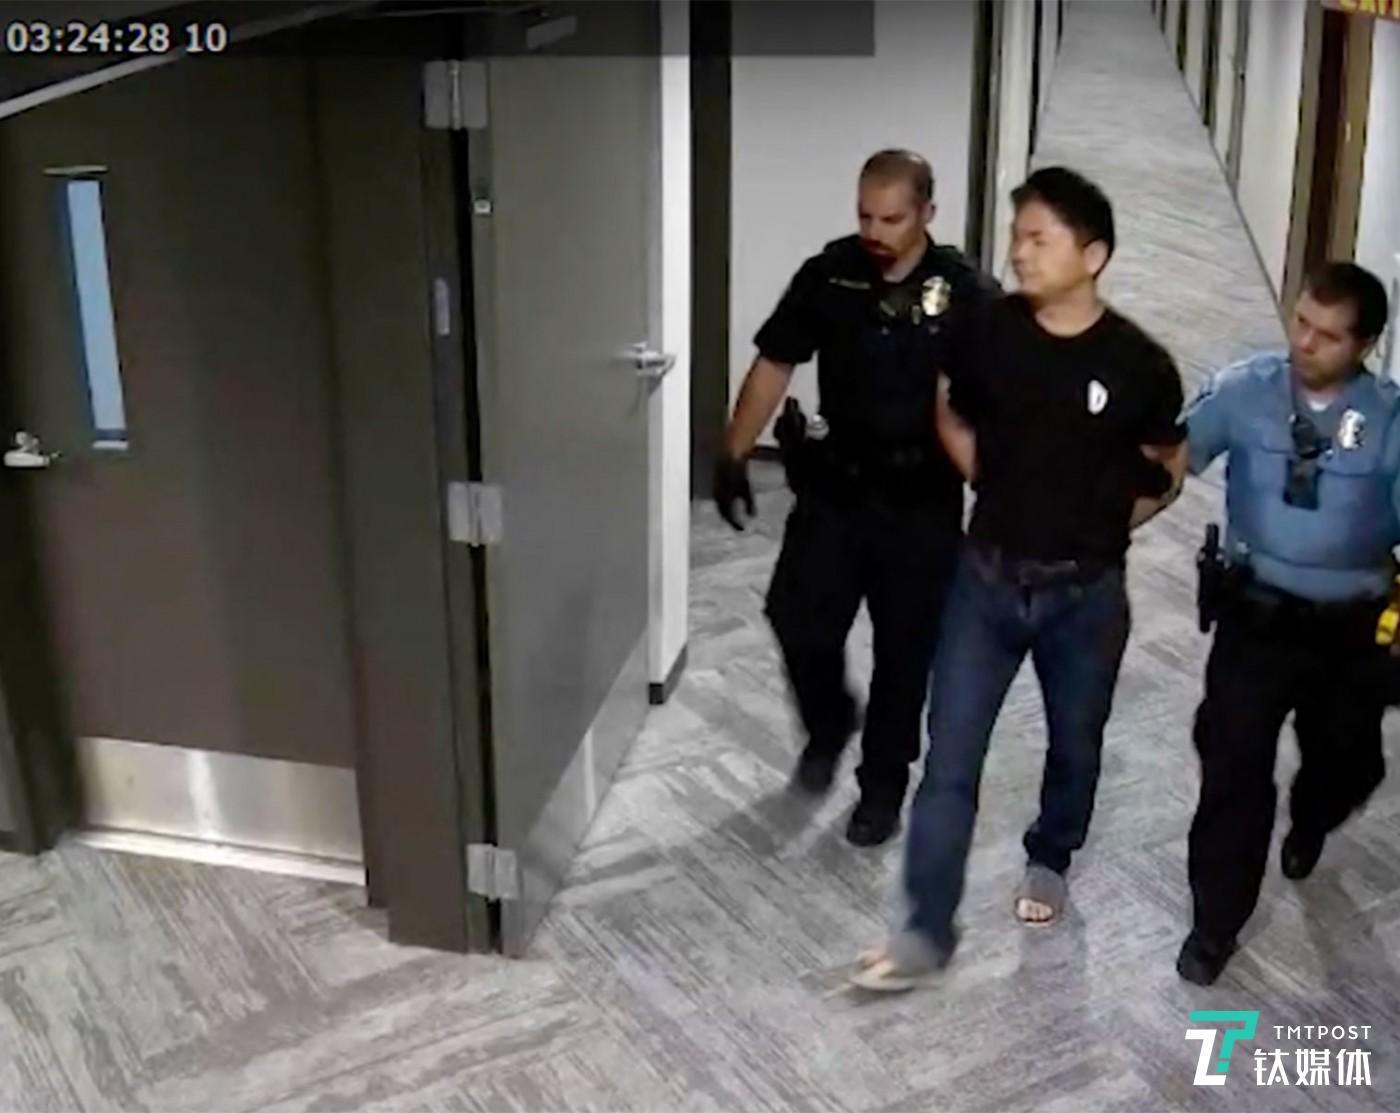 4月23日晚,刘强东在美国明州被警方逮捕的视频曝光。视频中,两名警官从公寓房间带走了穿黑色T恤的刘强东,他的手被拷在身后。随着监控视频的流出,刘强东明州事件持续发酵。(图/监控视频截图)